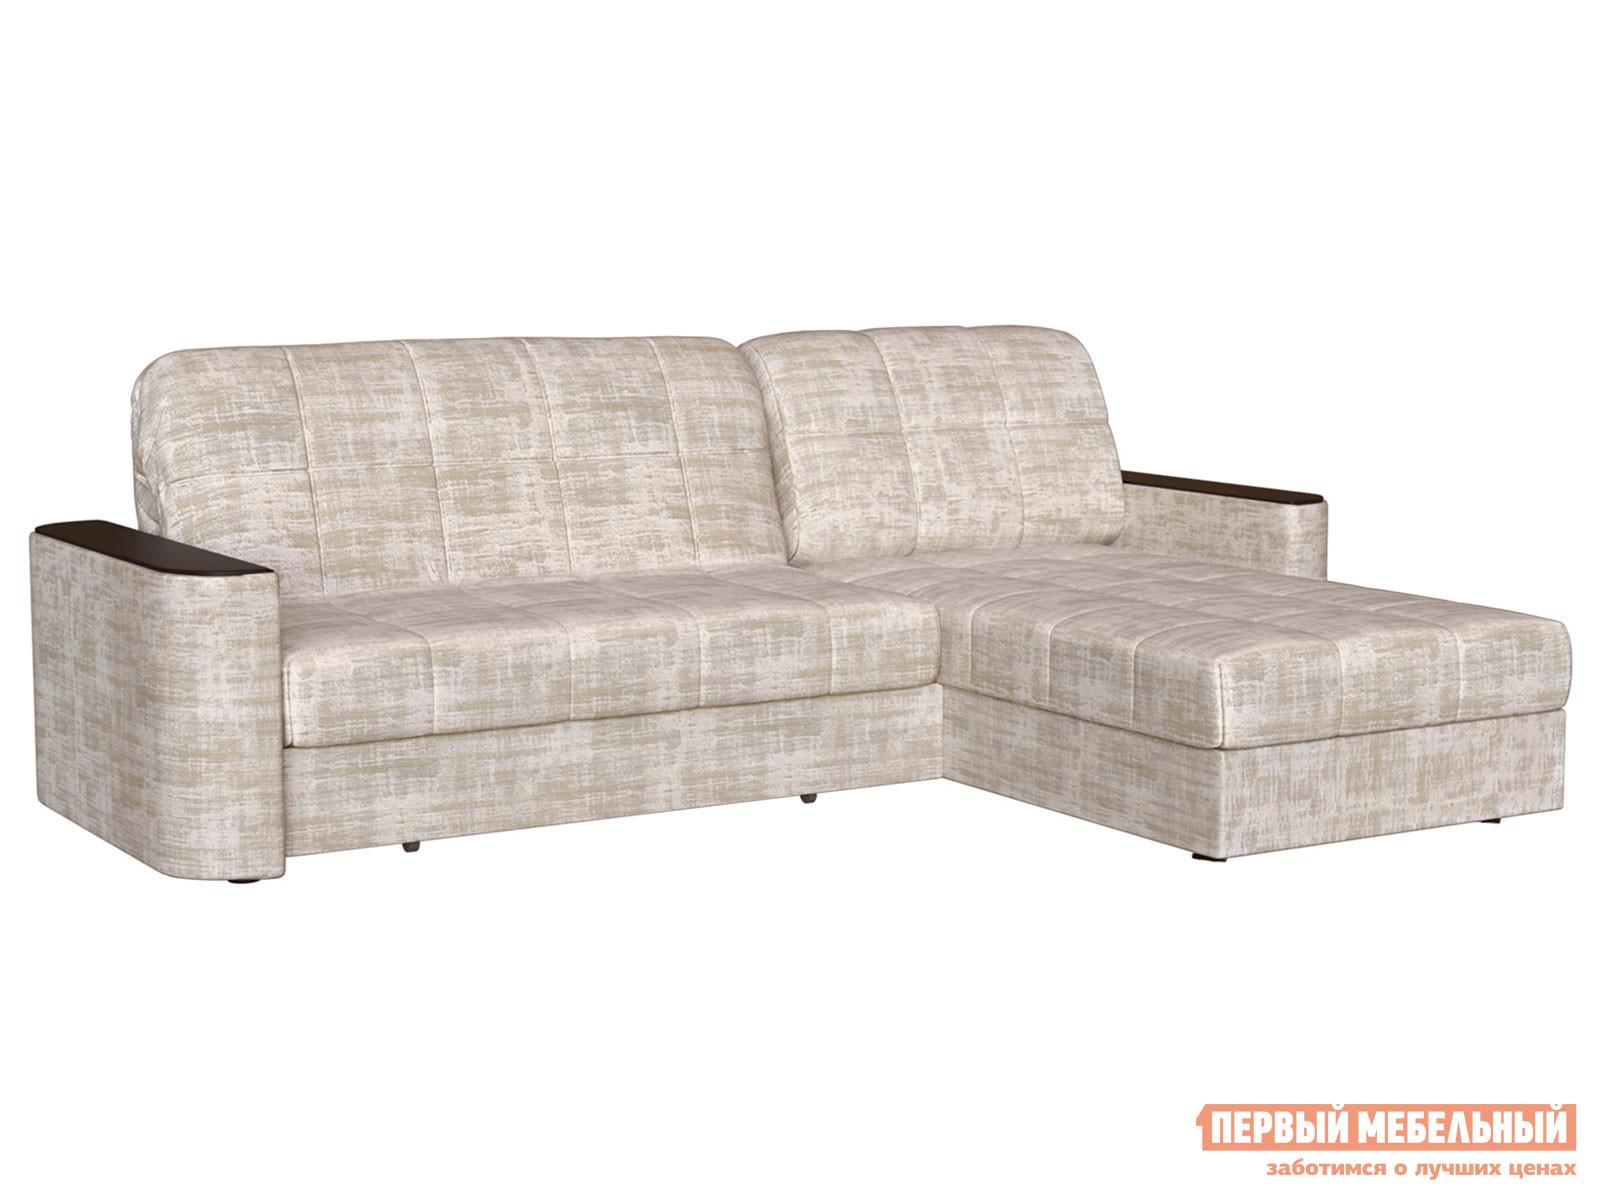 Угловой диван Первый Мебельный Диван Лукас с оттоманкой